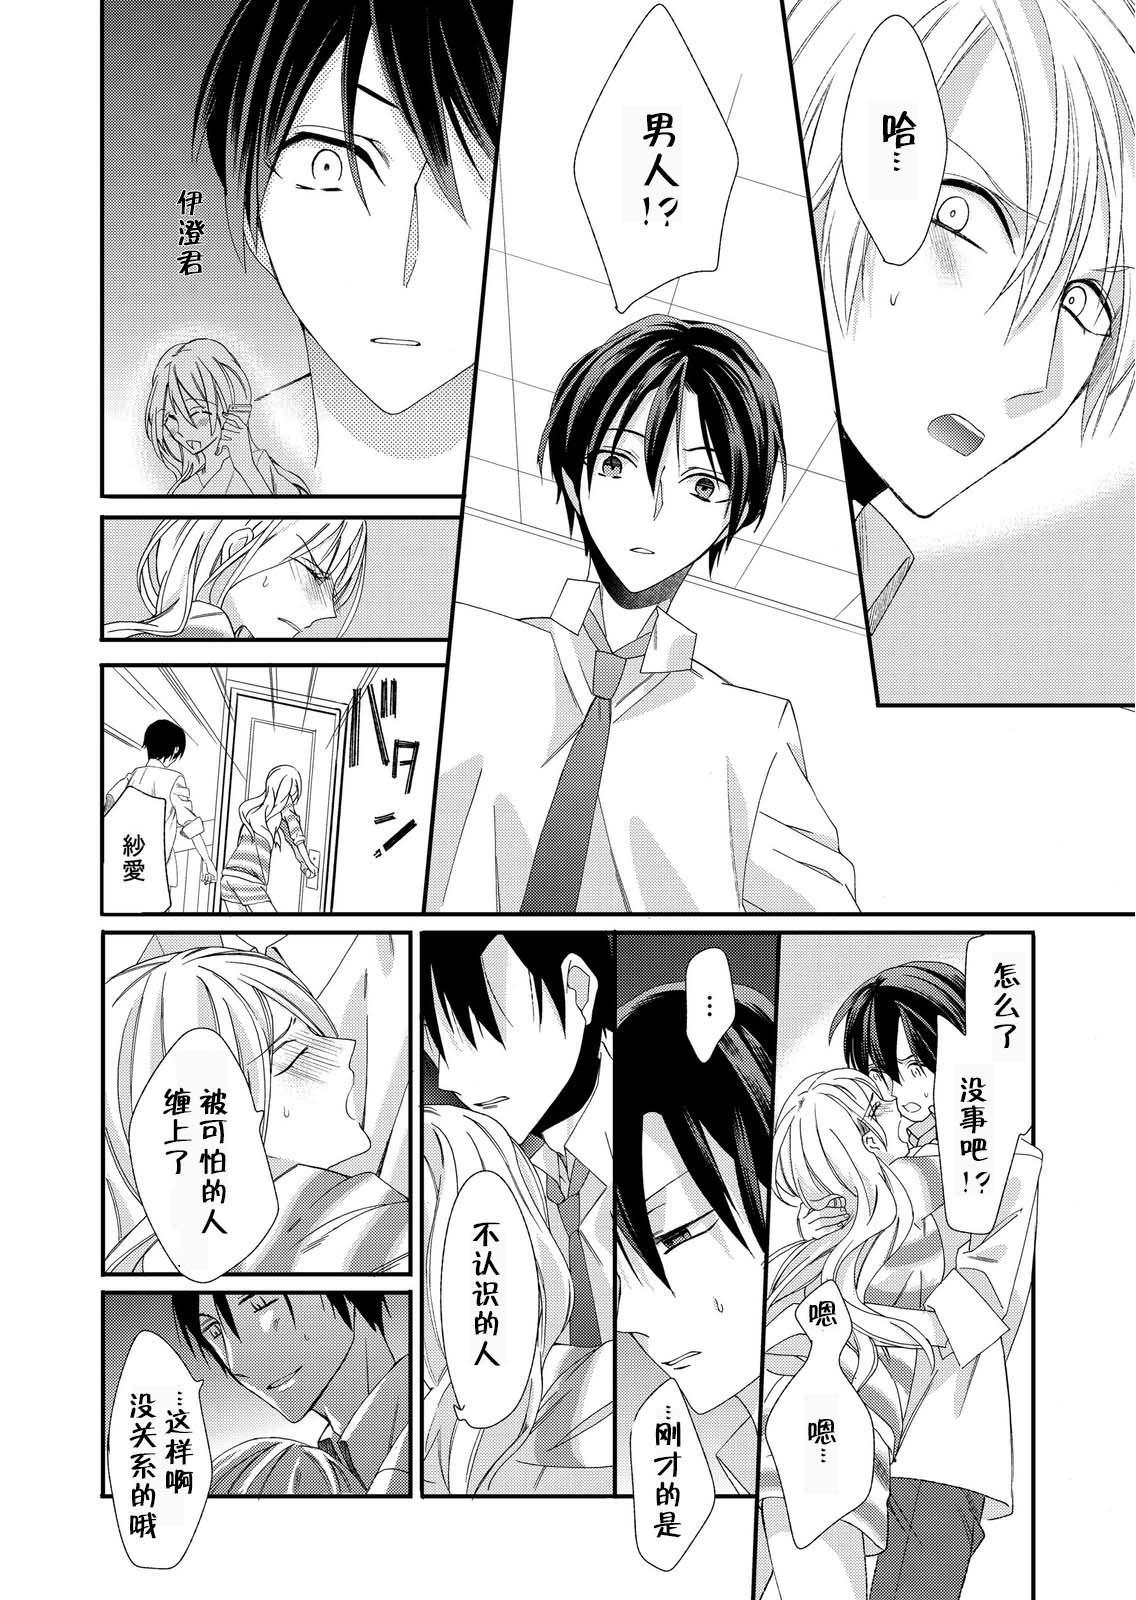 Kioku Sousitsu!? Watashi no Kareshi ha Docchi? Karada de Tameshite・・・ | 失忆!?我的男朋友到底是谁?用身体来确认…Ch. 1-2 41